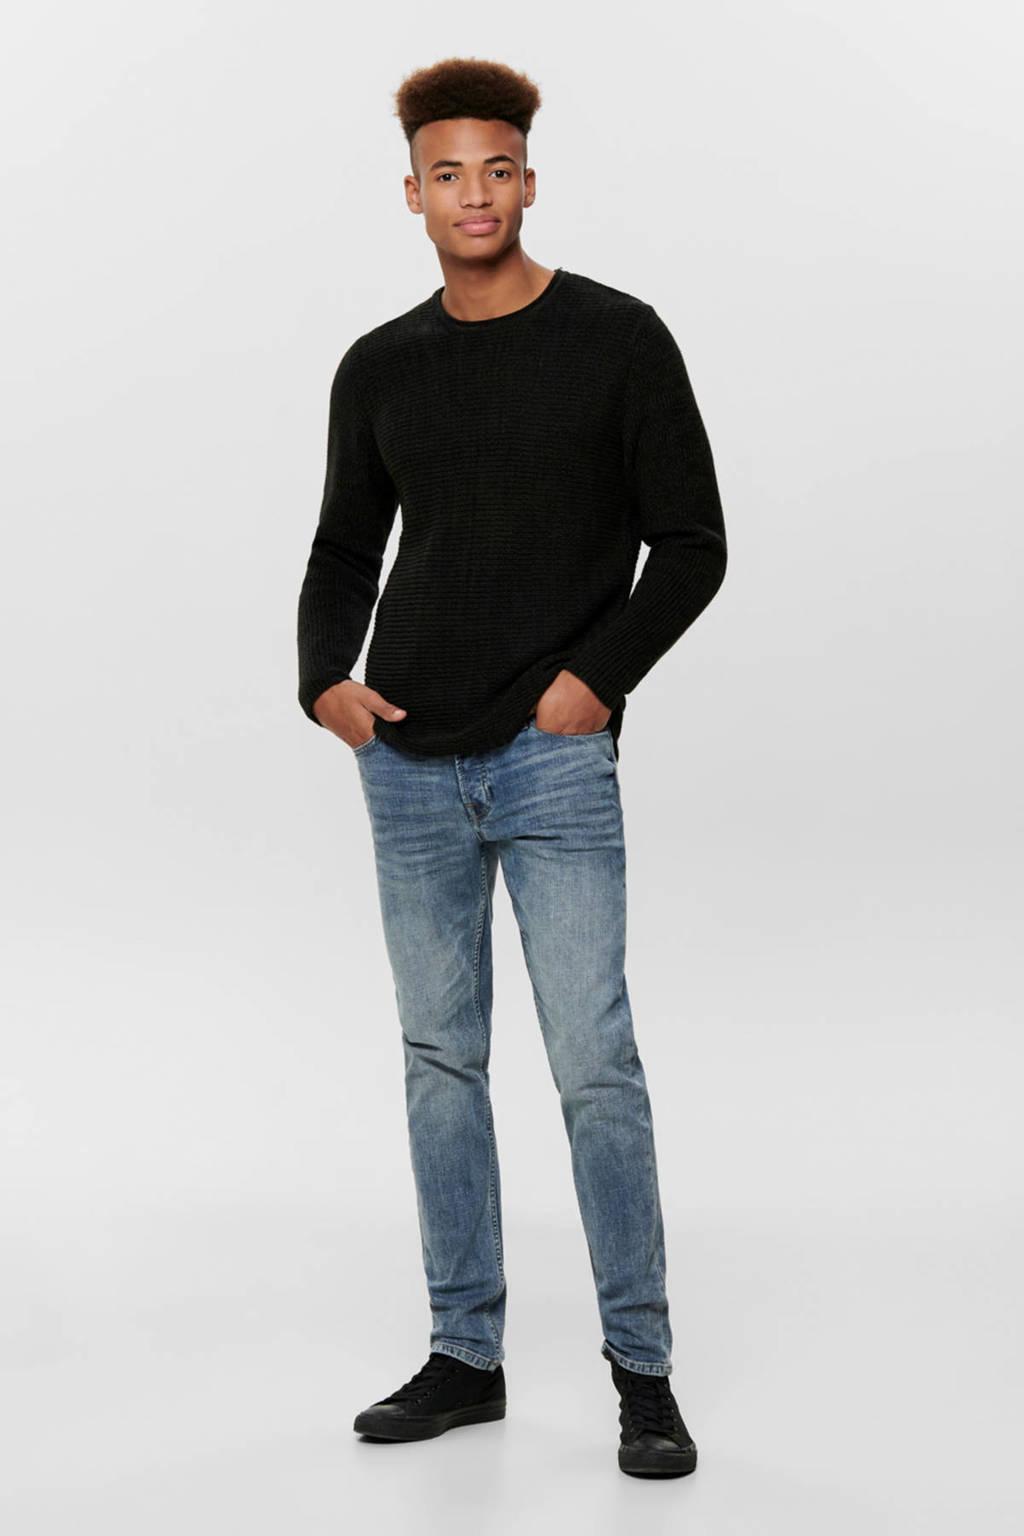 ONLY & SONS trui zwart melange, Zwart melange